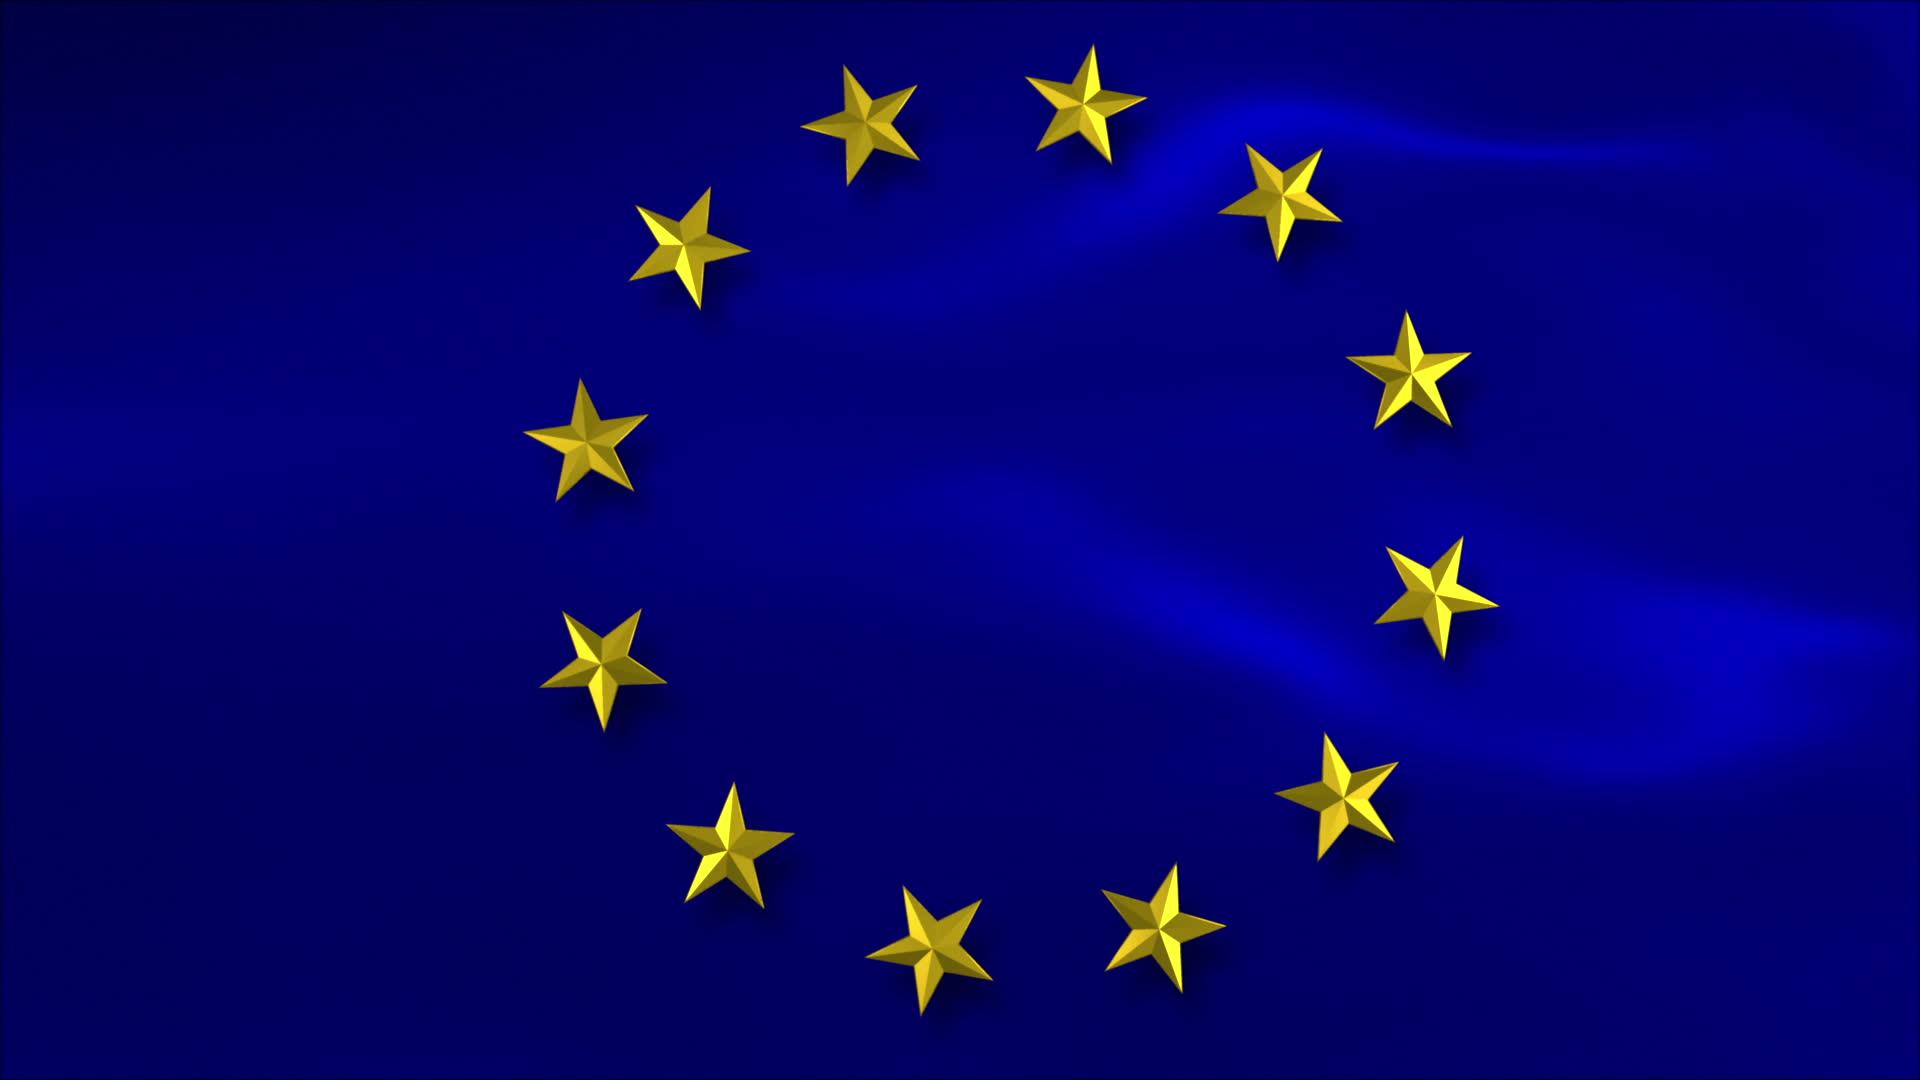 Флаг Европейского Союза как символ единства множества государств